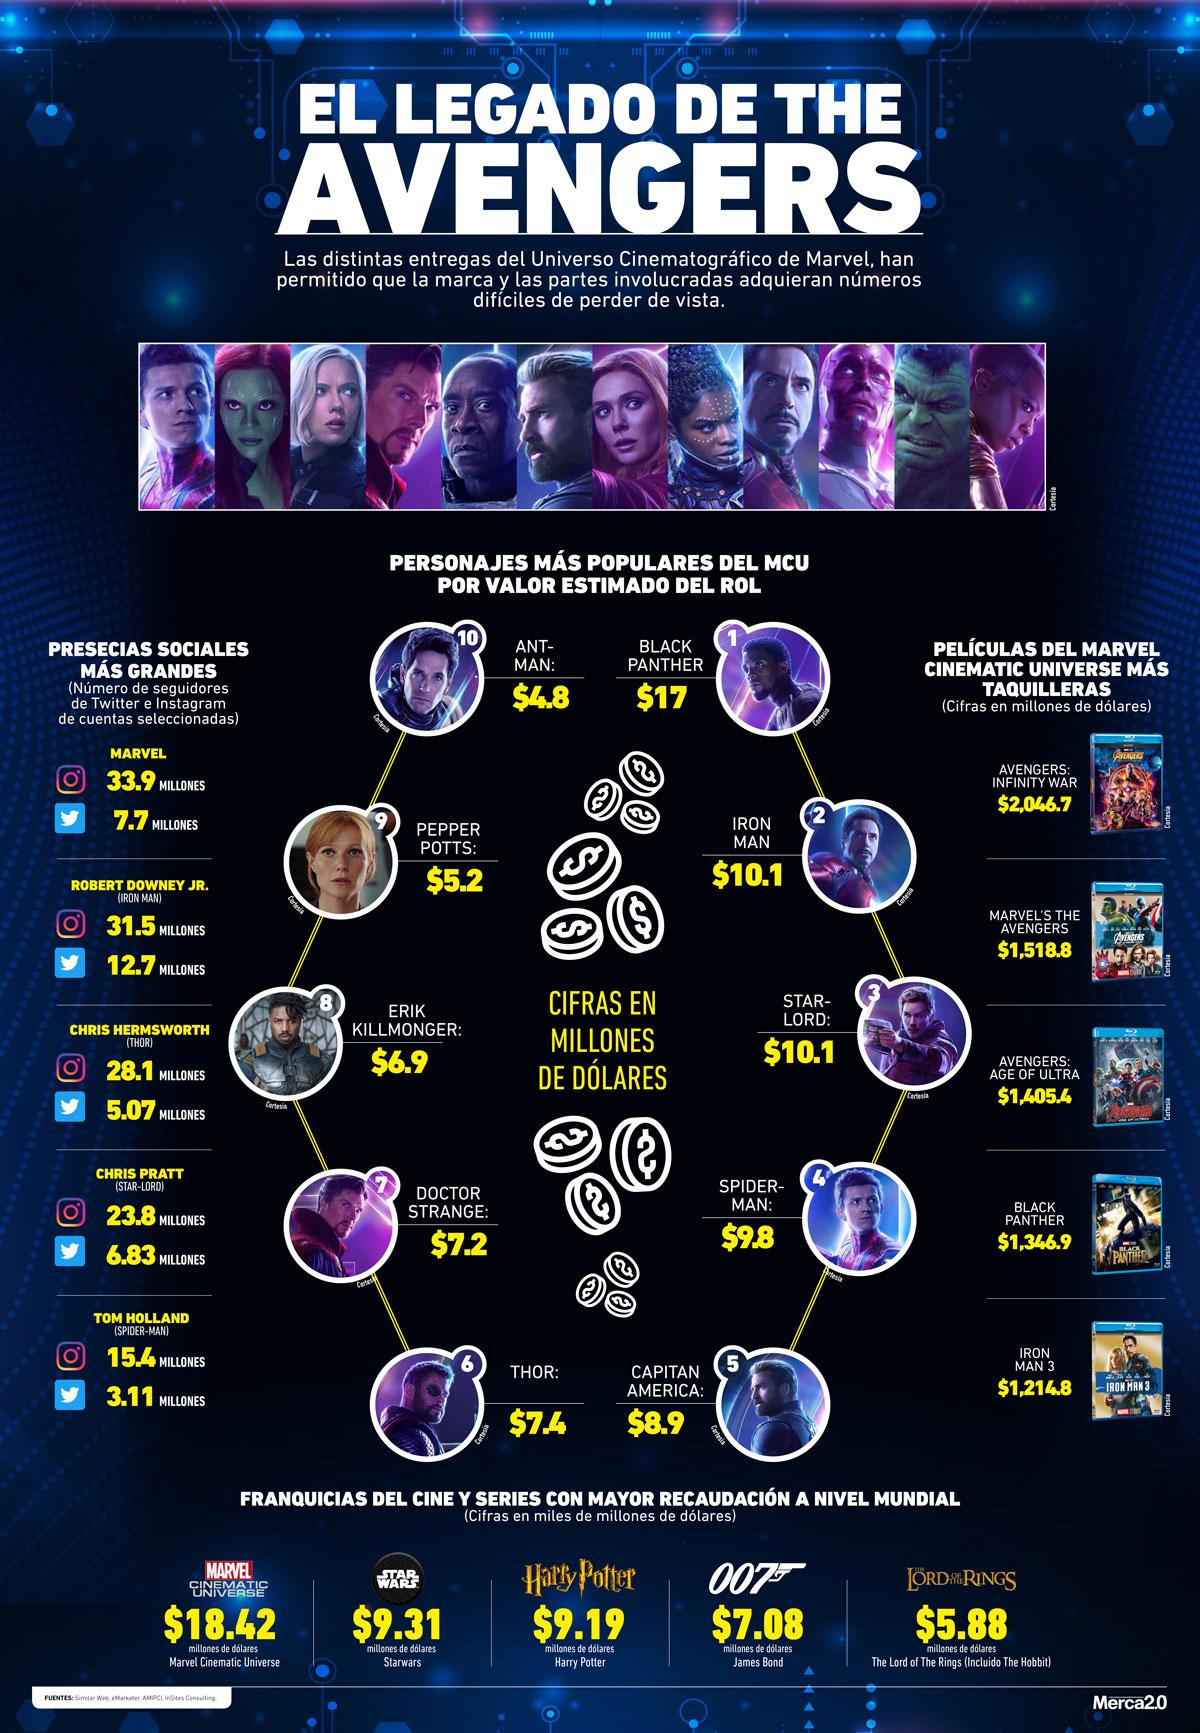 Se estrenó Avengers: Endgame… ¿y ahora qué sigue para el Universo Cinematográfico Marvel?